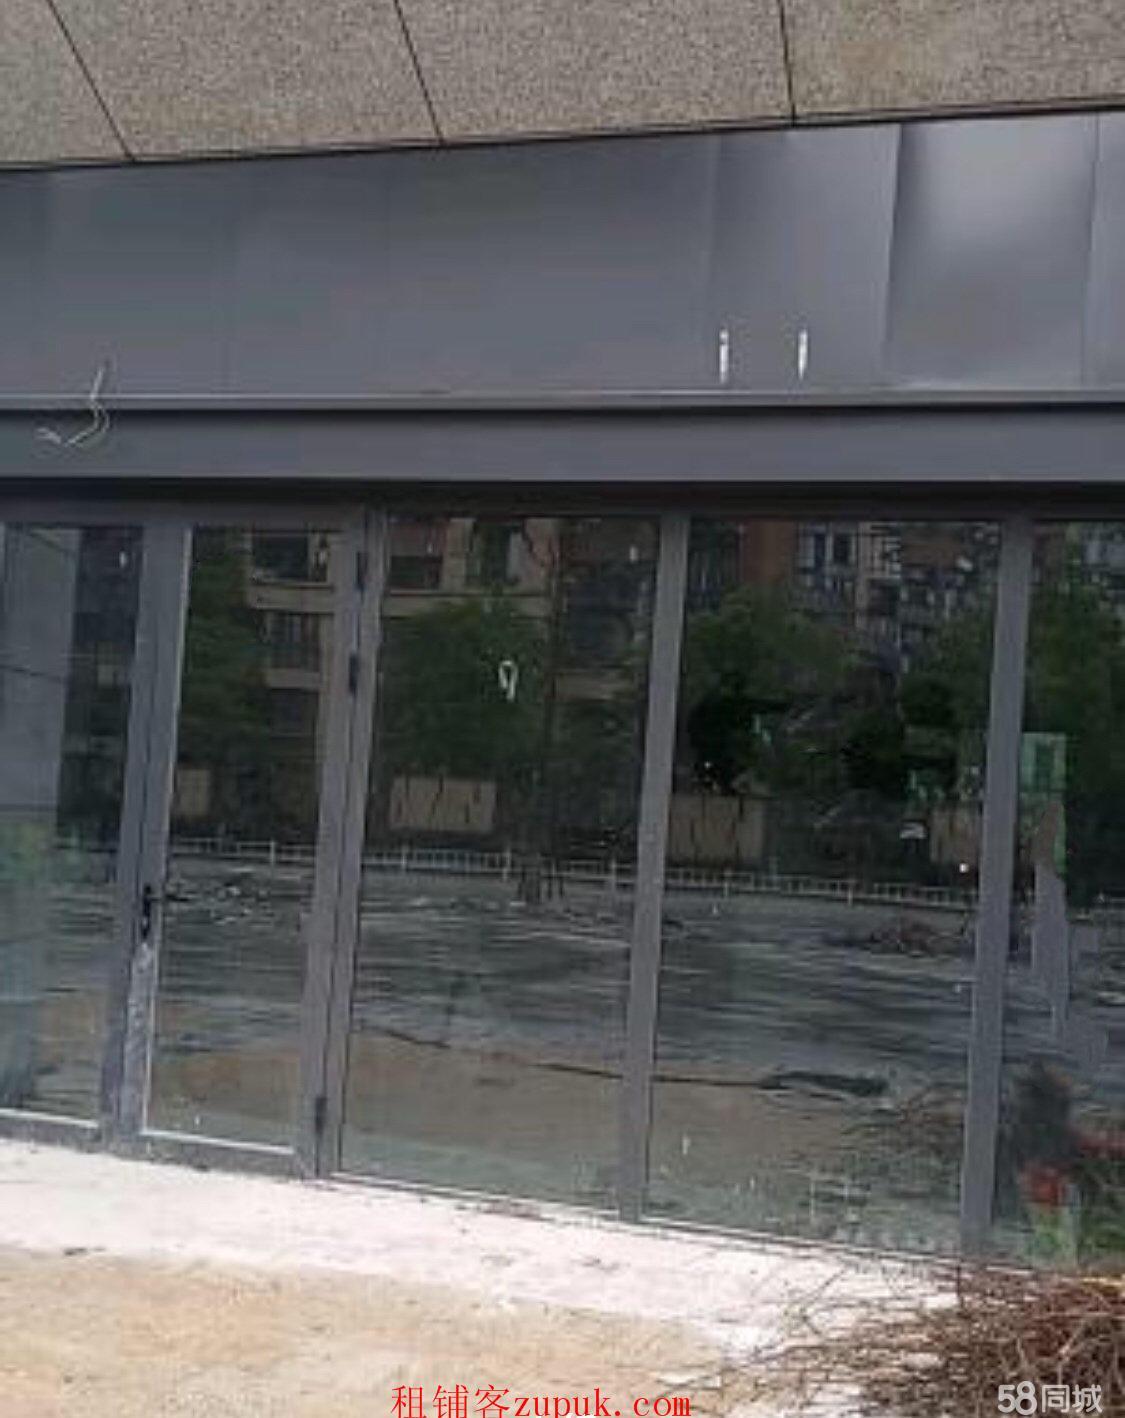 【出租】出租江干丁桥临街门面、小区底铺